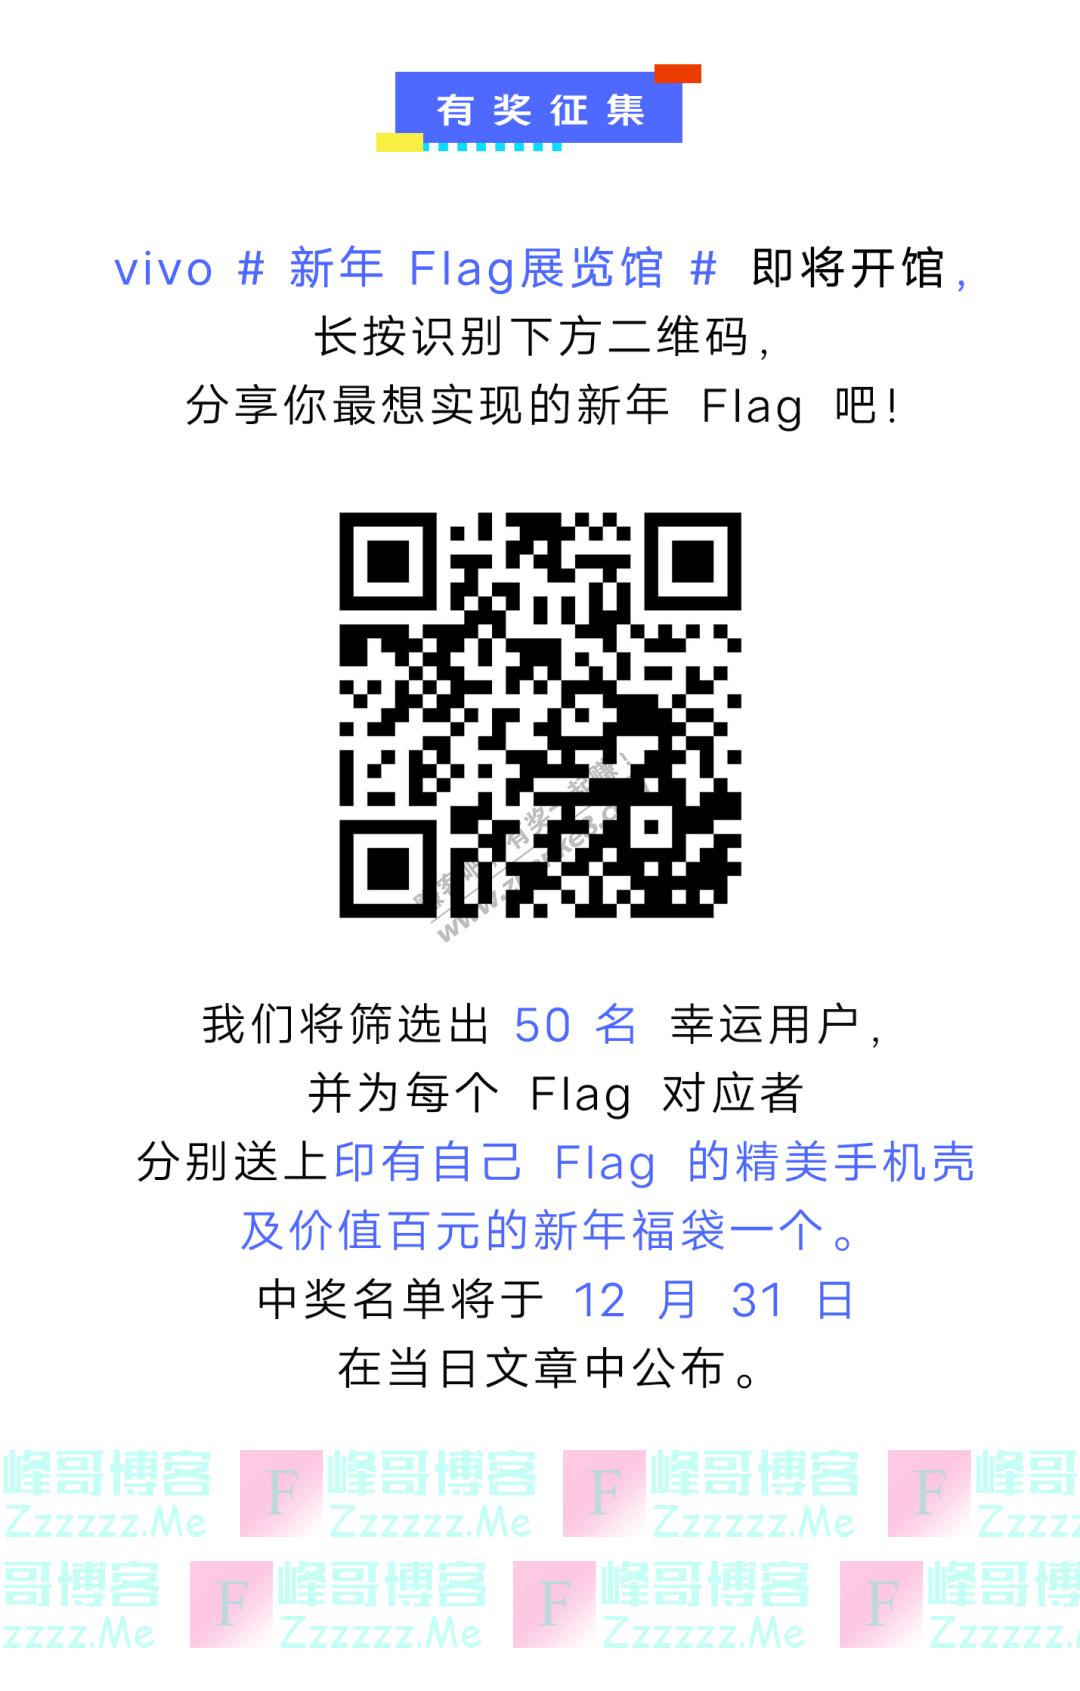 vivo范儿性能强劲的骁龙 888 ,蓝厂快安排上了(截止12月31日)